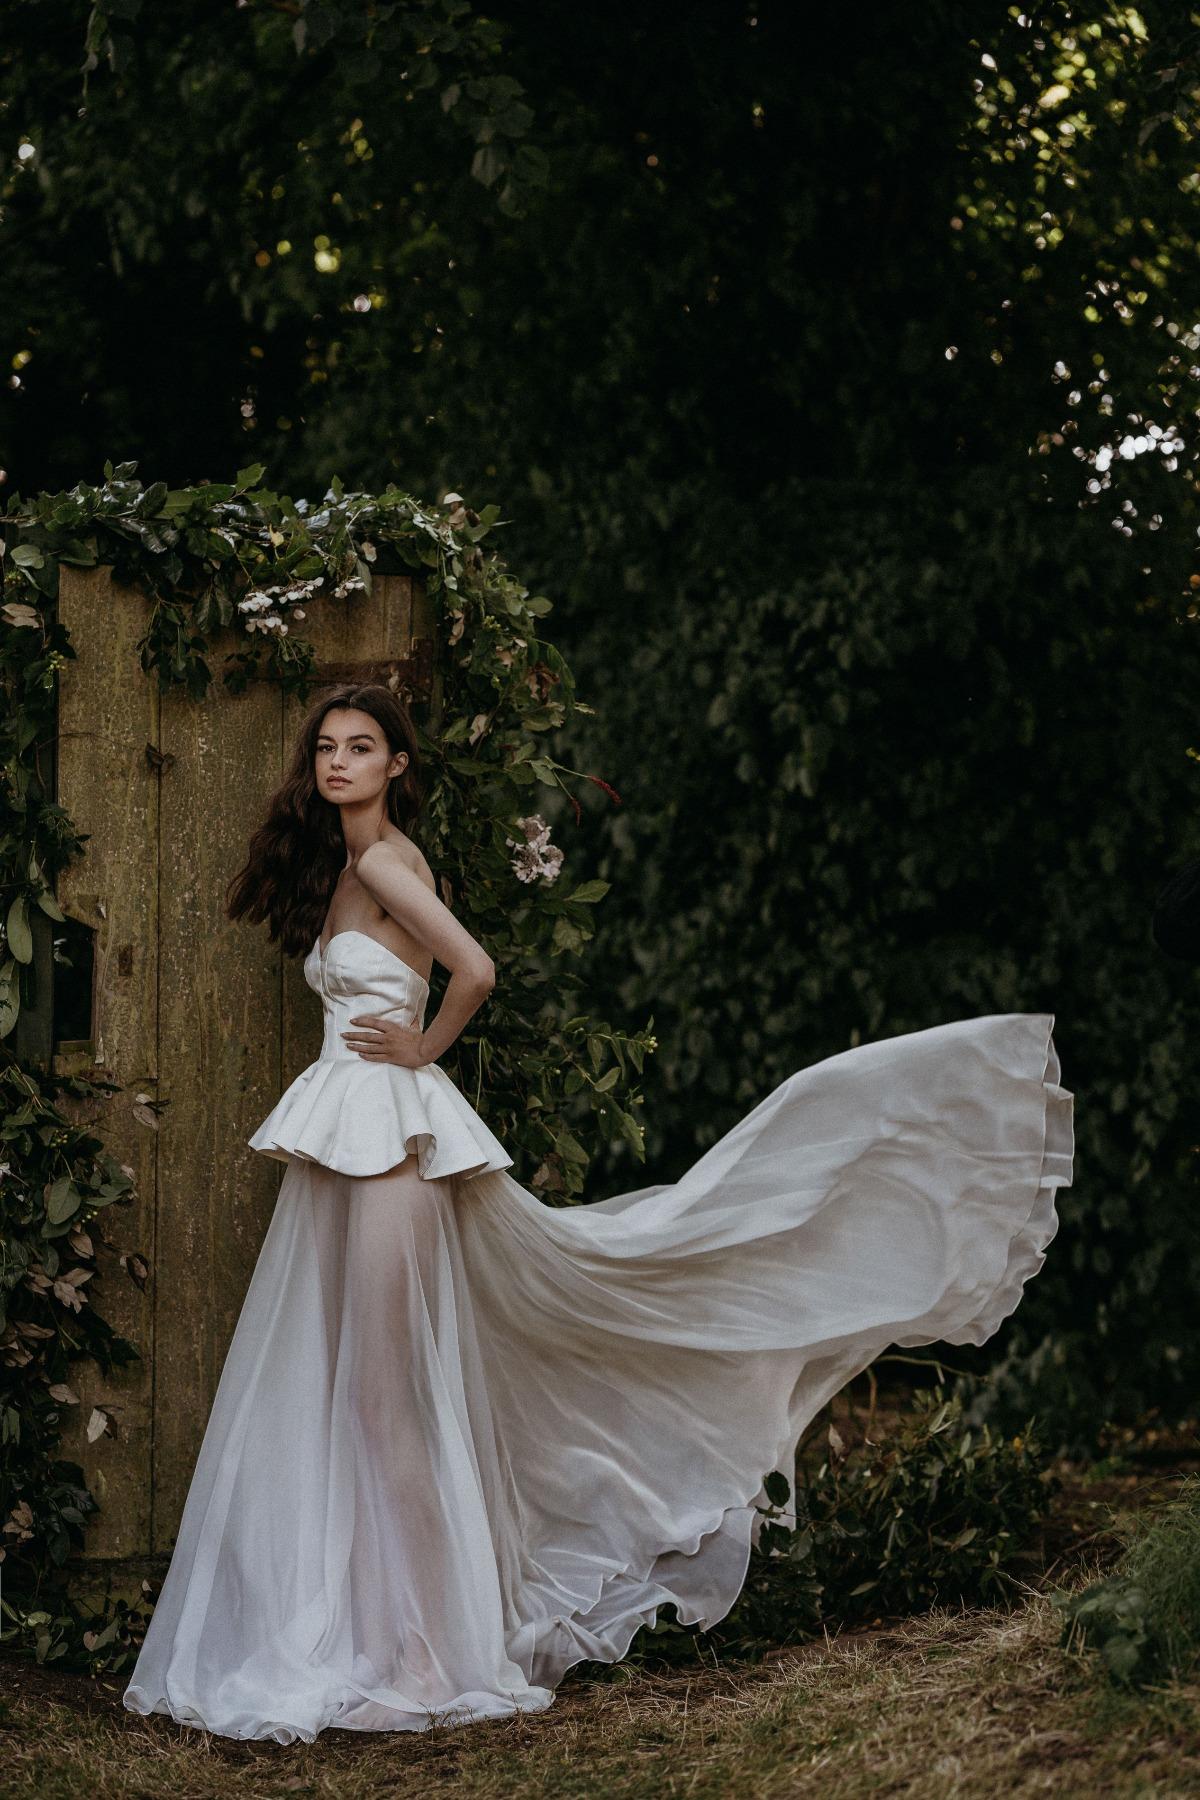 vestidos de novia veganos 2022, tendencias en vestidos de novia 2022 - sanyukta shrestha - wedding hub - 04